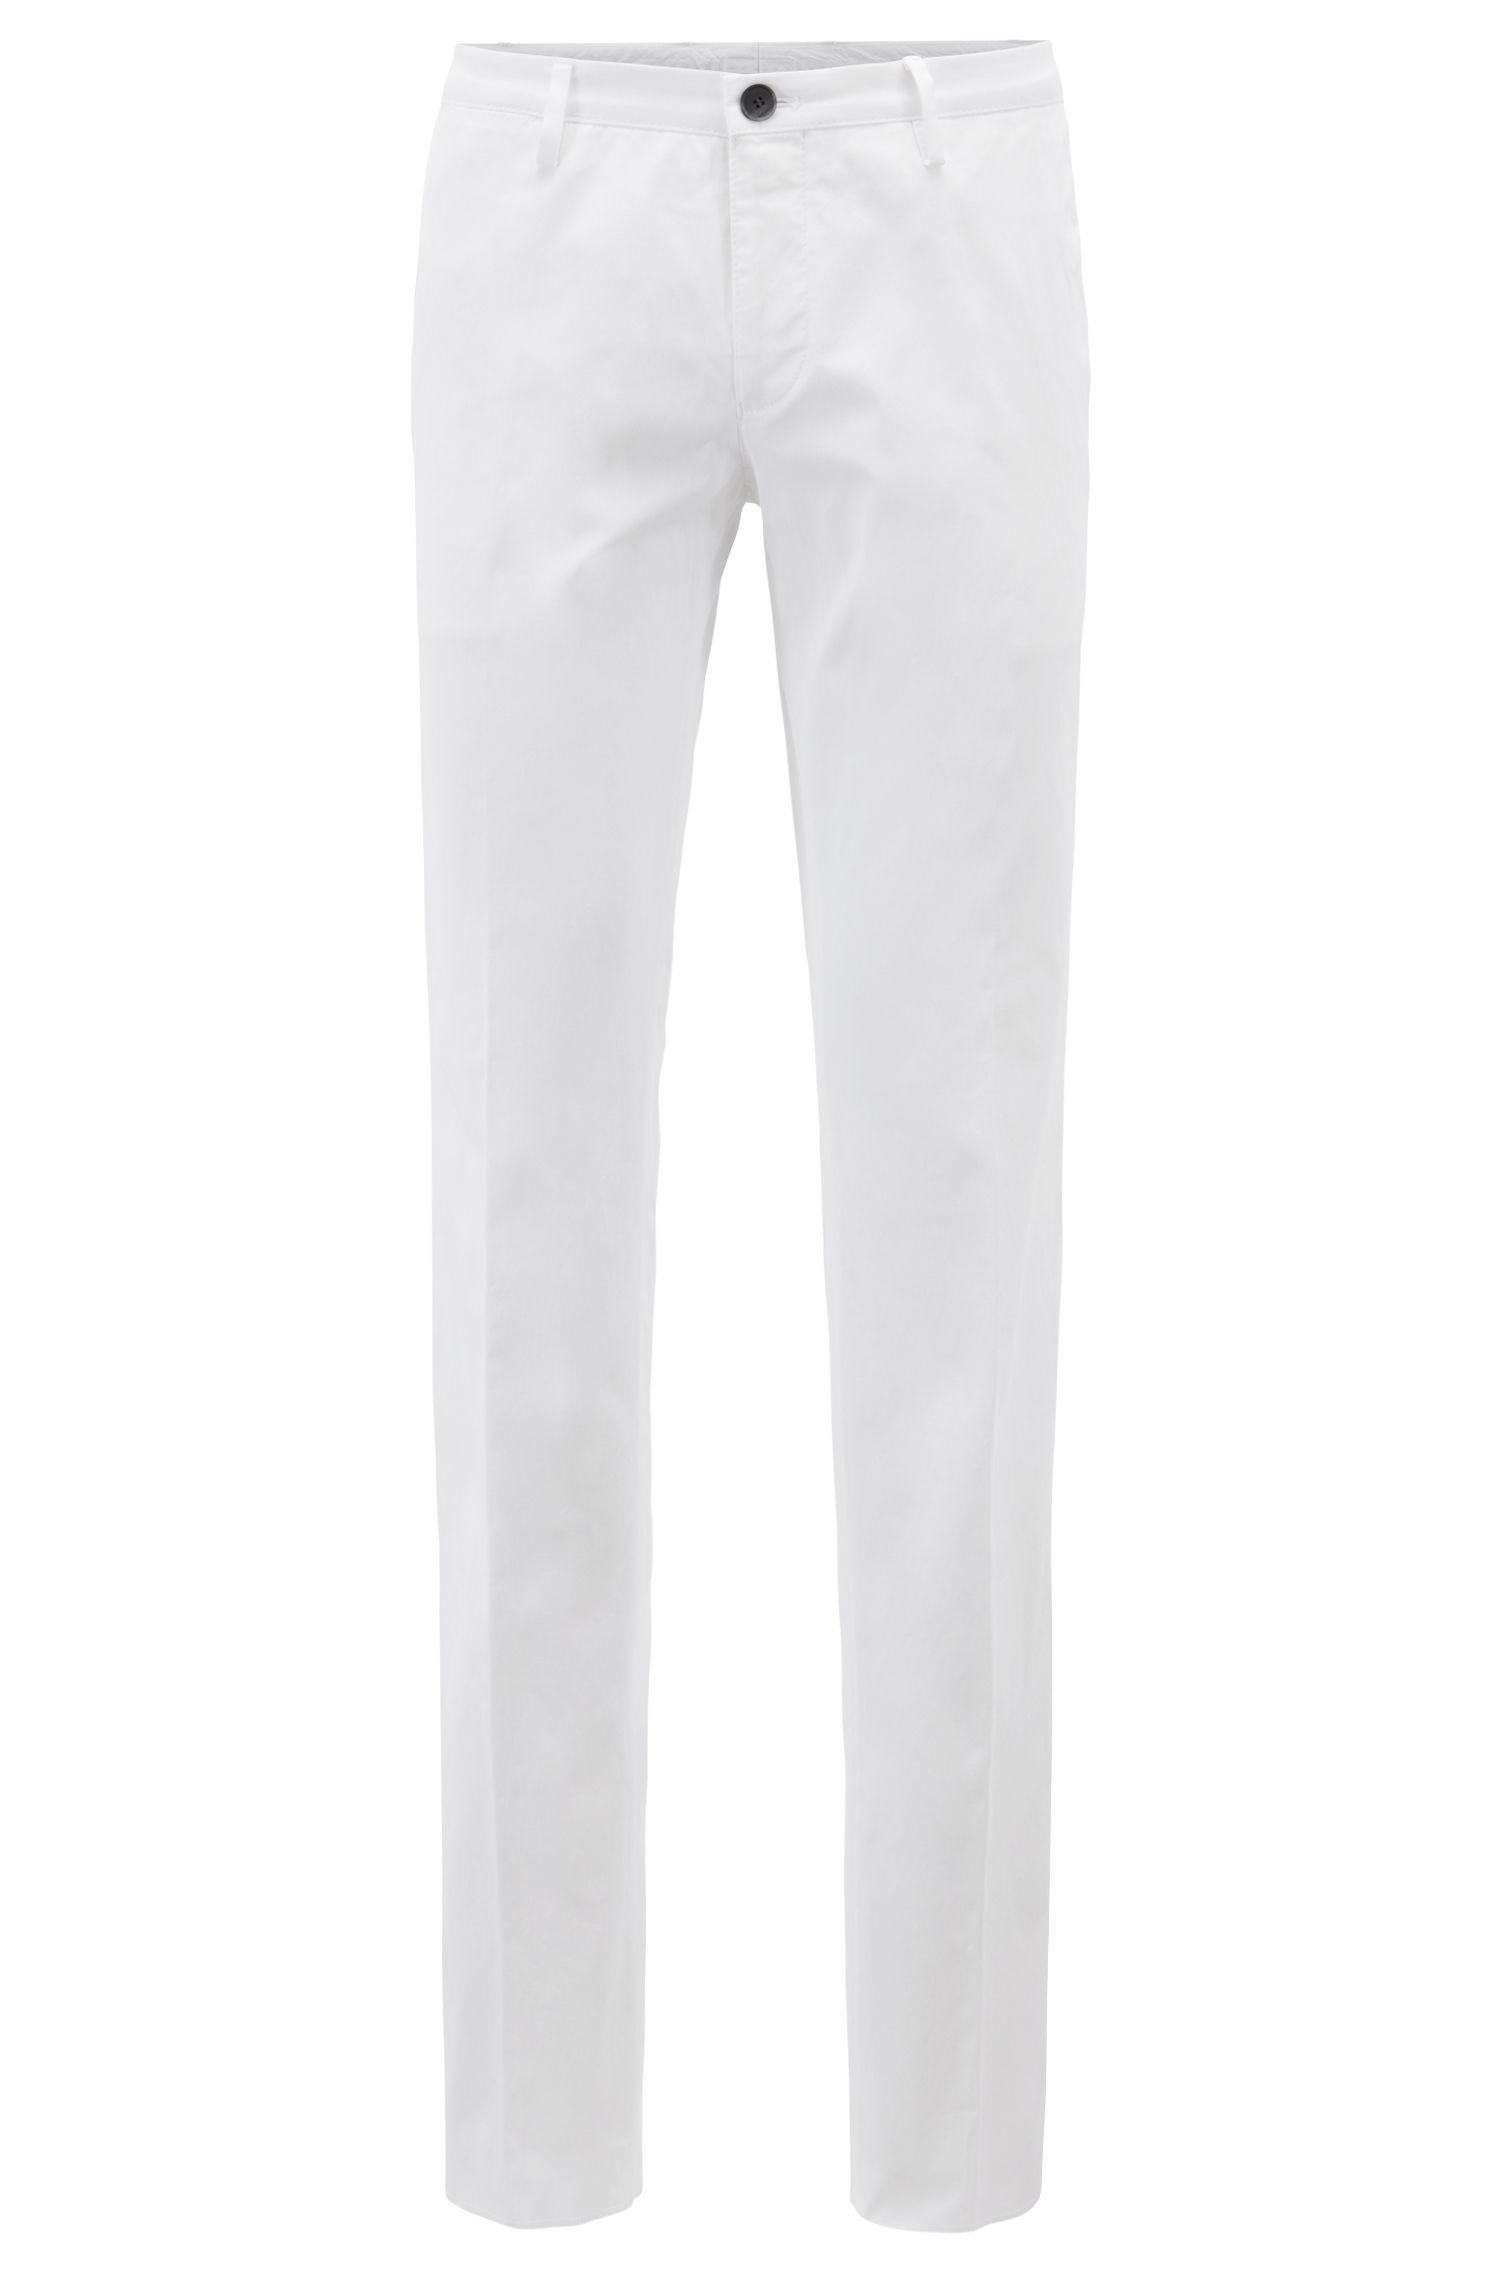 Hugo Boss - Pantalones slim fit de algodón elástico teñido en prenda - 1